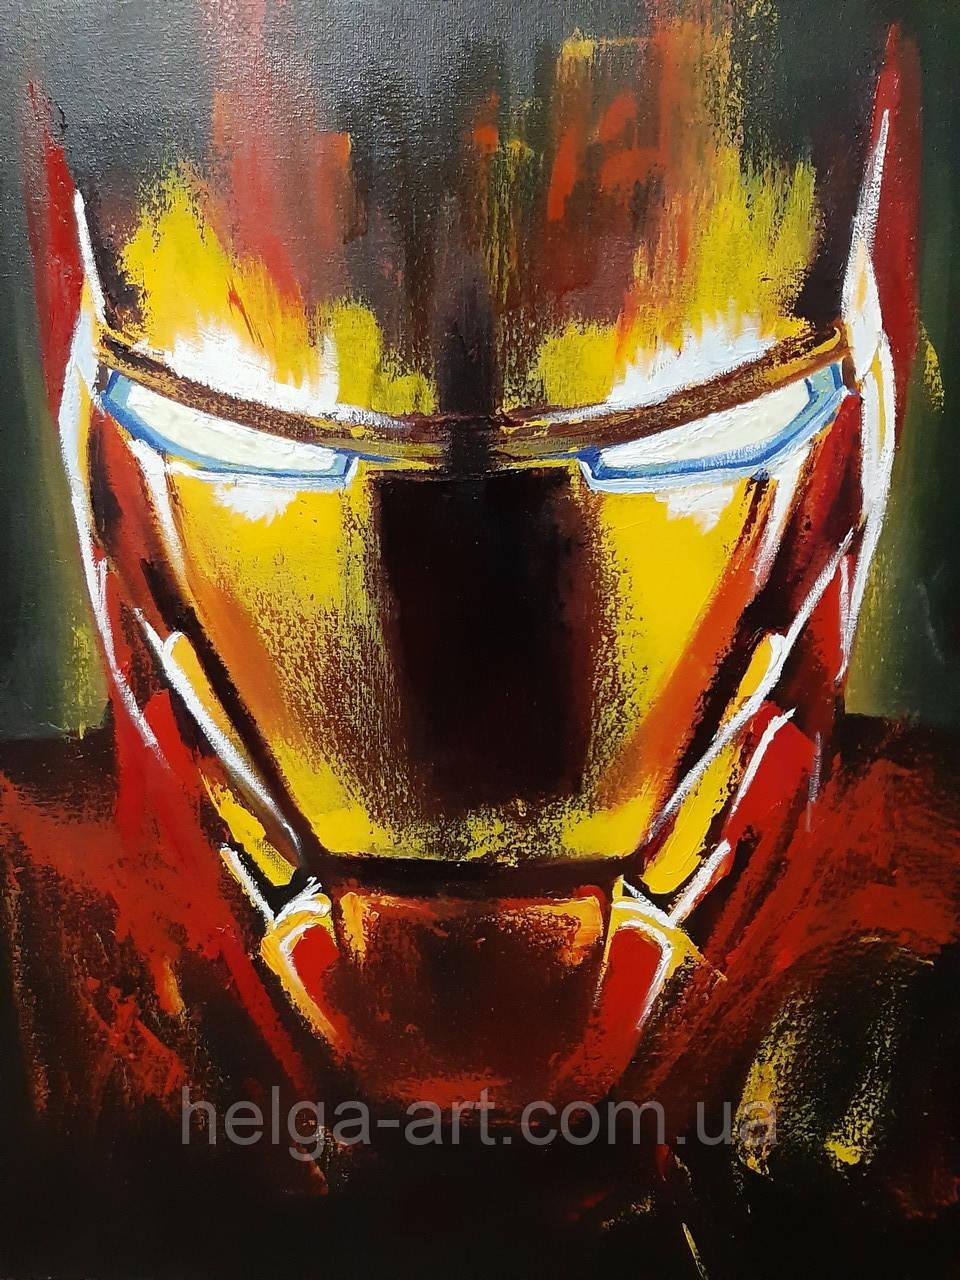 """""""Железный человек"""" Картина маслом с золотой поталью и флуорисцентной краской. Светится в темноте"""